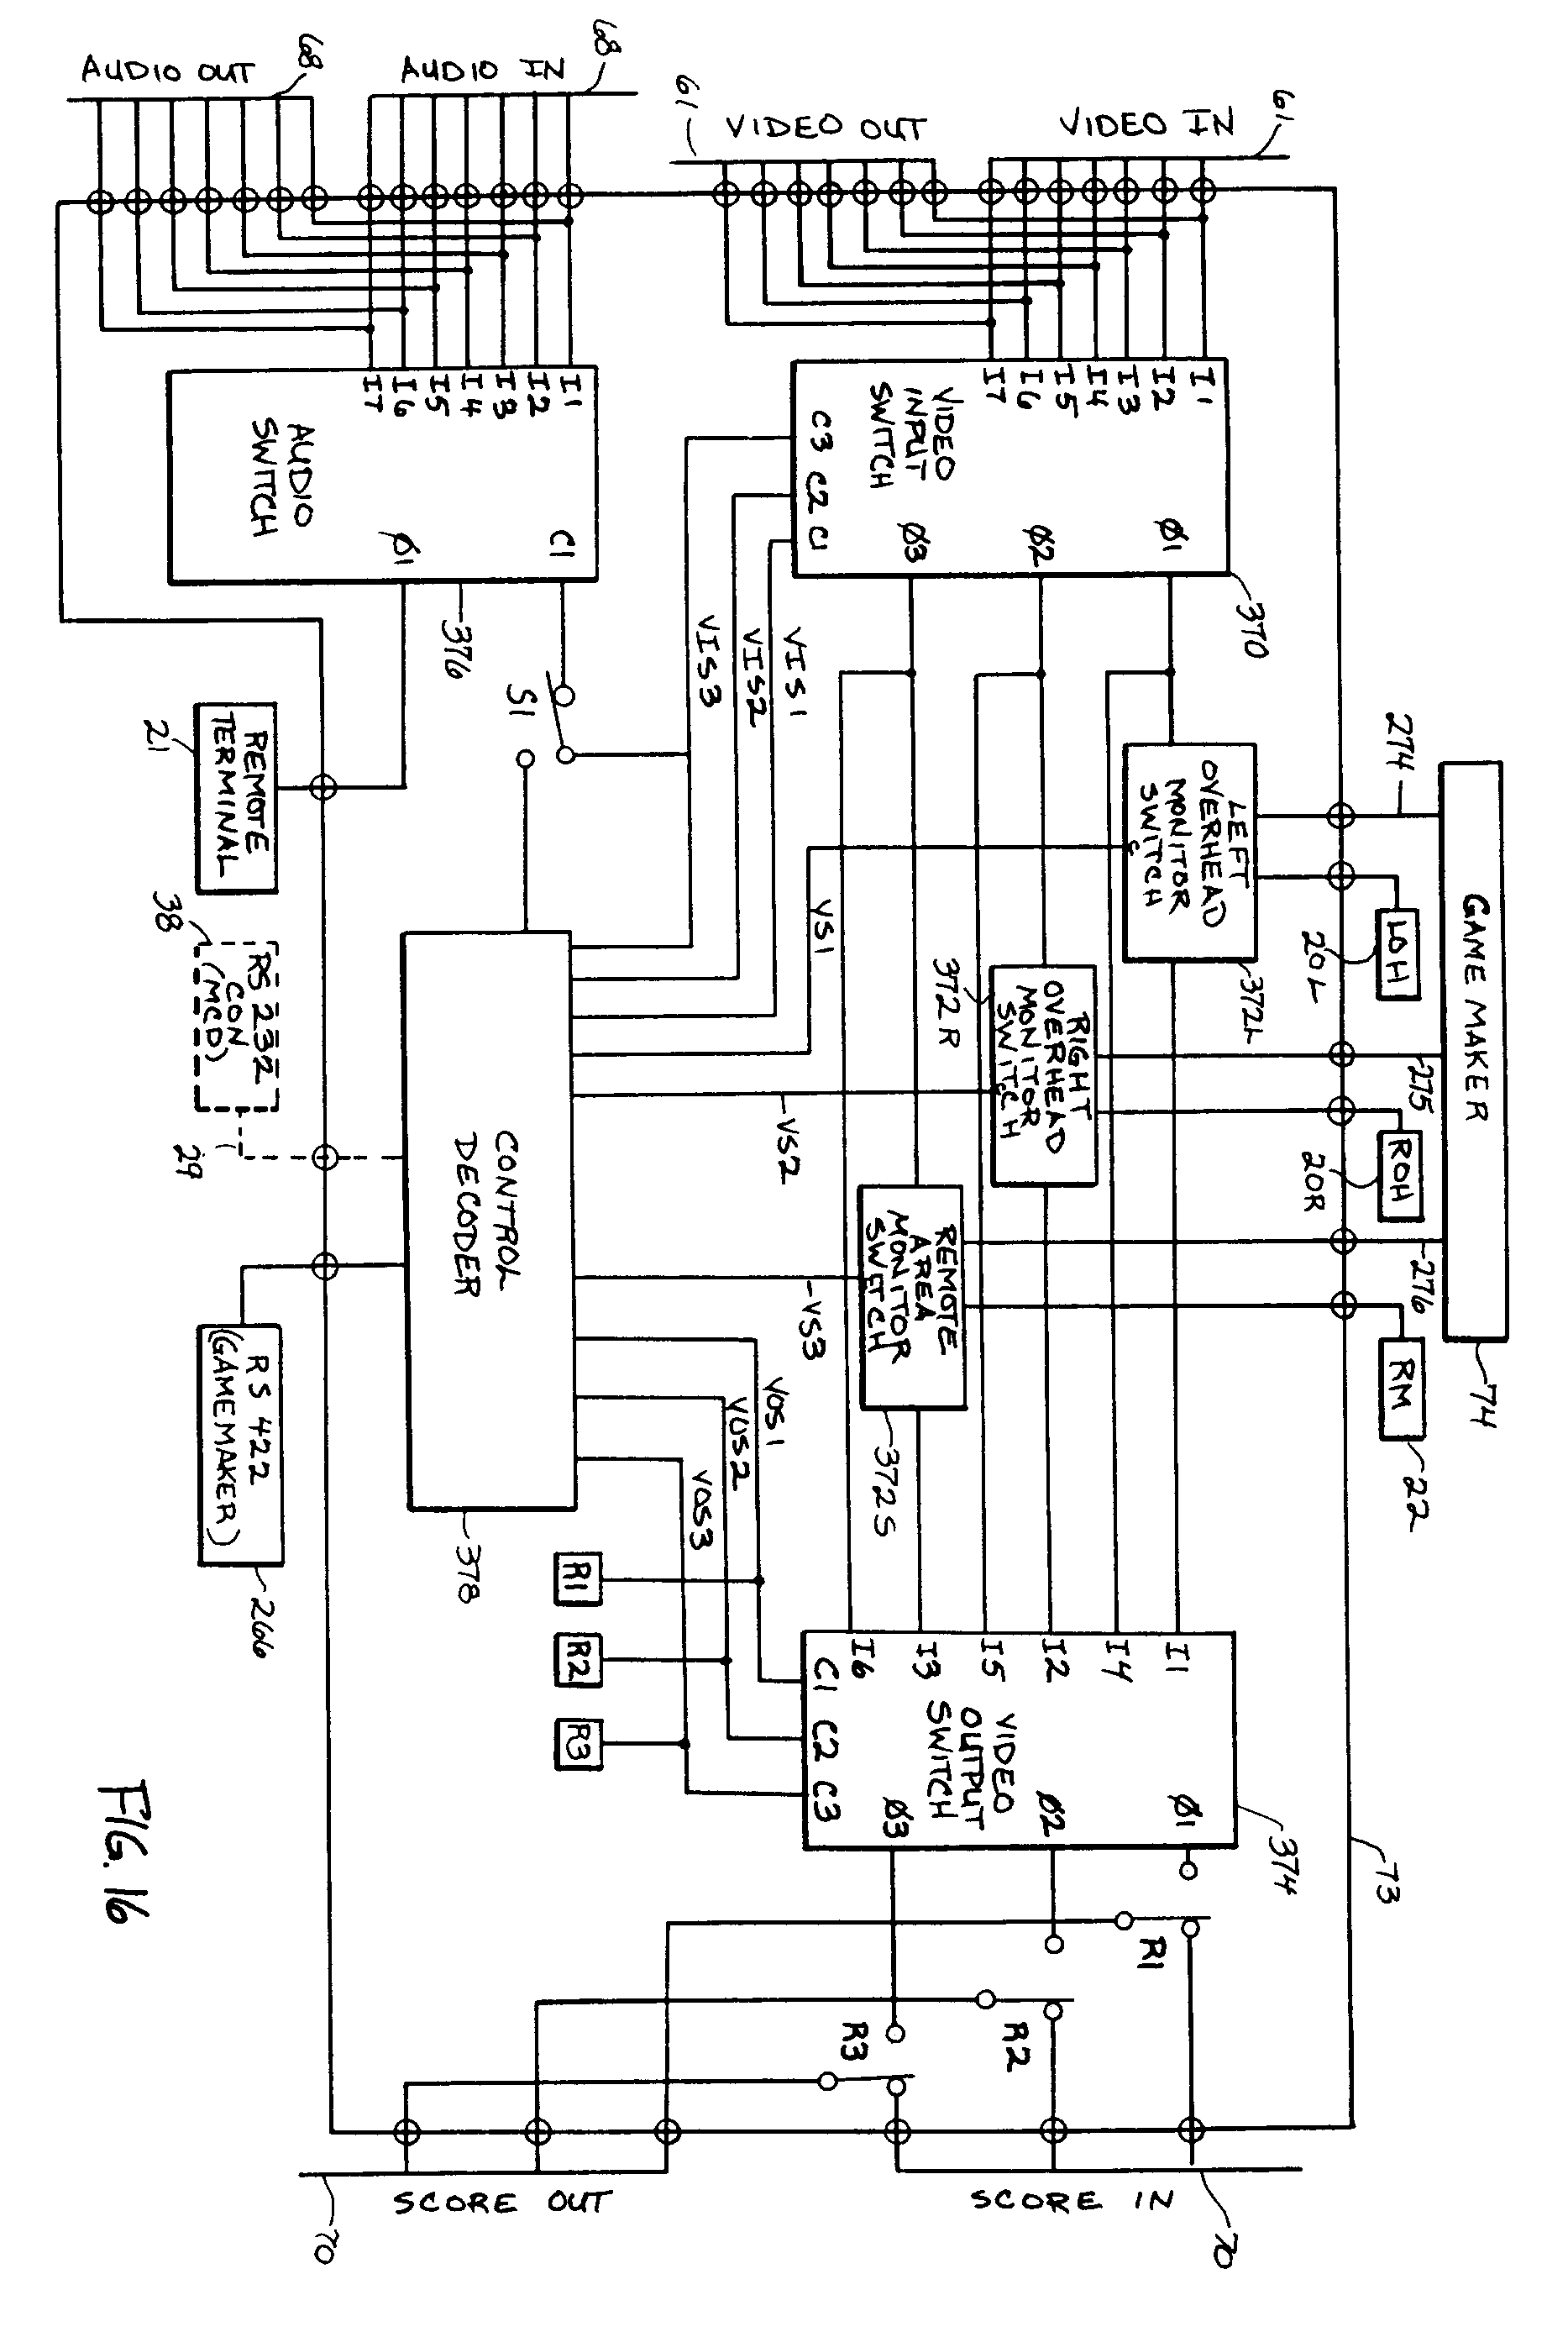 [SCHEMATICS_4FD]  Brunswick Model A Wiring Diagram - Old Push In Fuse Box for Wiring Diagram  Schematics | Brunswick Model A Wiring Diagram |  | Wiring Diagram Schematics